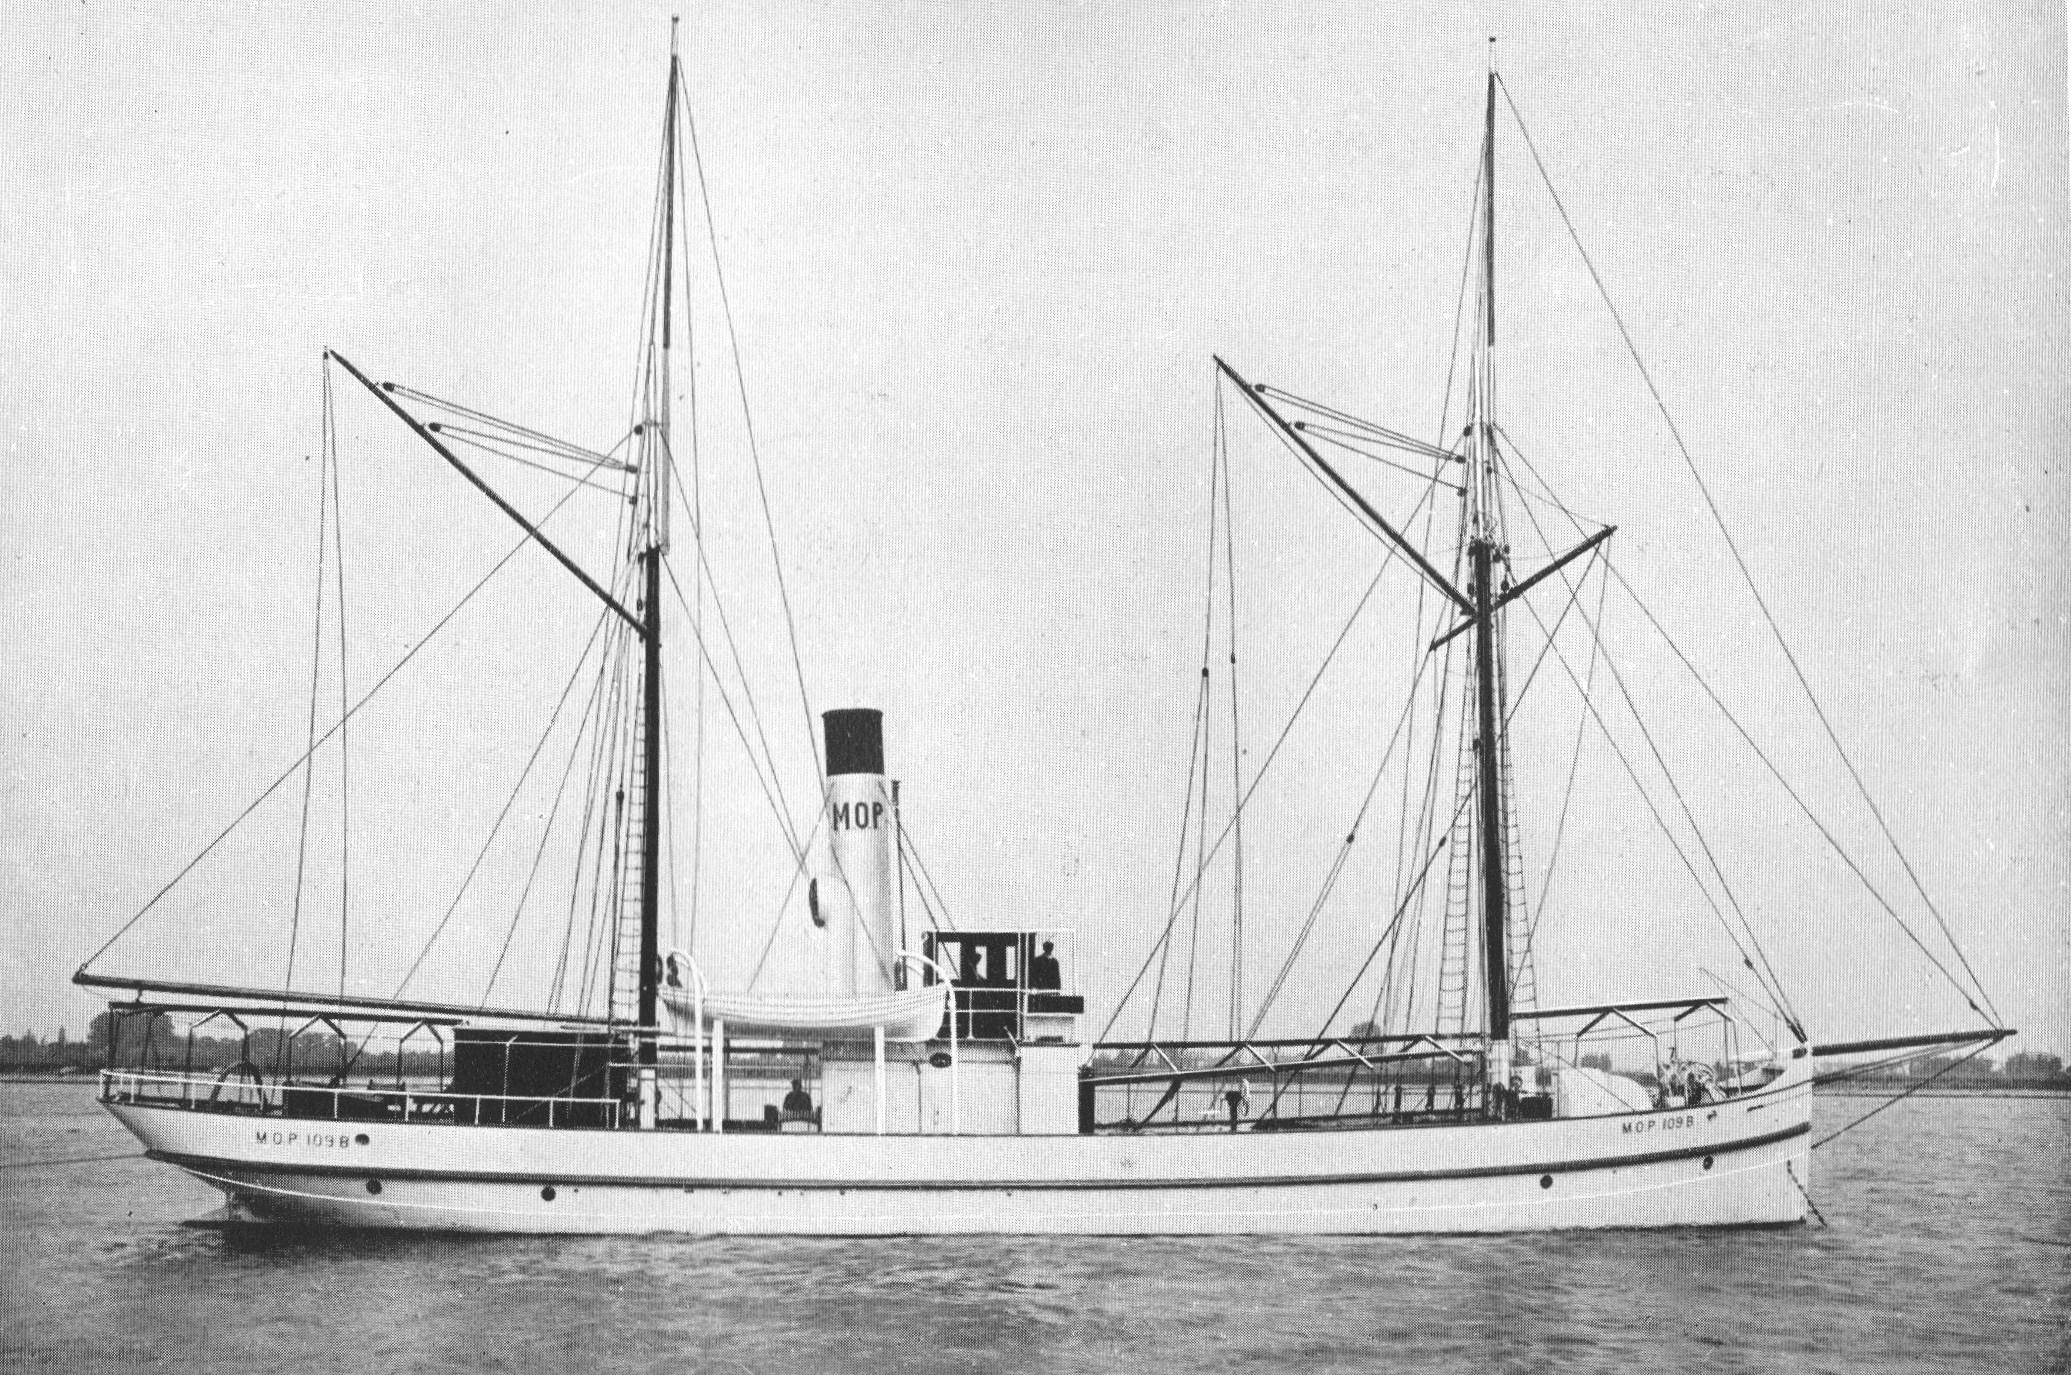 bnr-289-m-o-p-109-b-1904